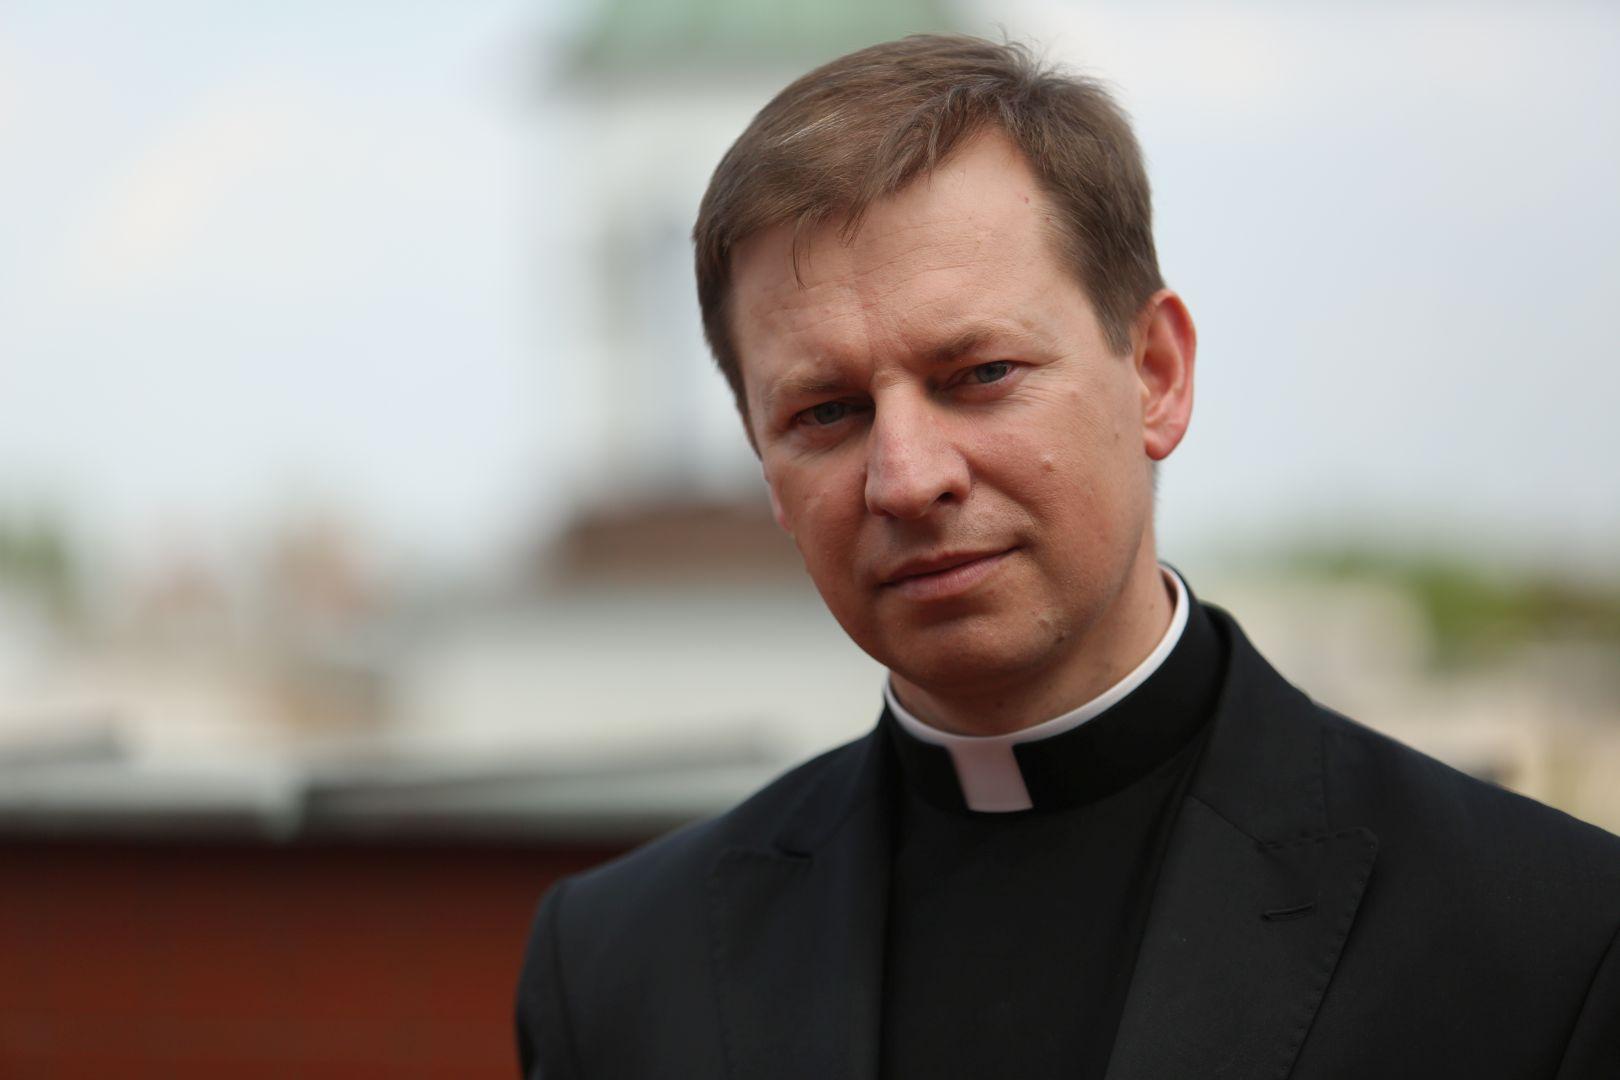 Rzecznik KEP: Będą następne spotkania Przewodniczącego Episkopatu z osobami pokrzywdzonymi przez duchownych